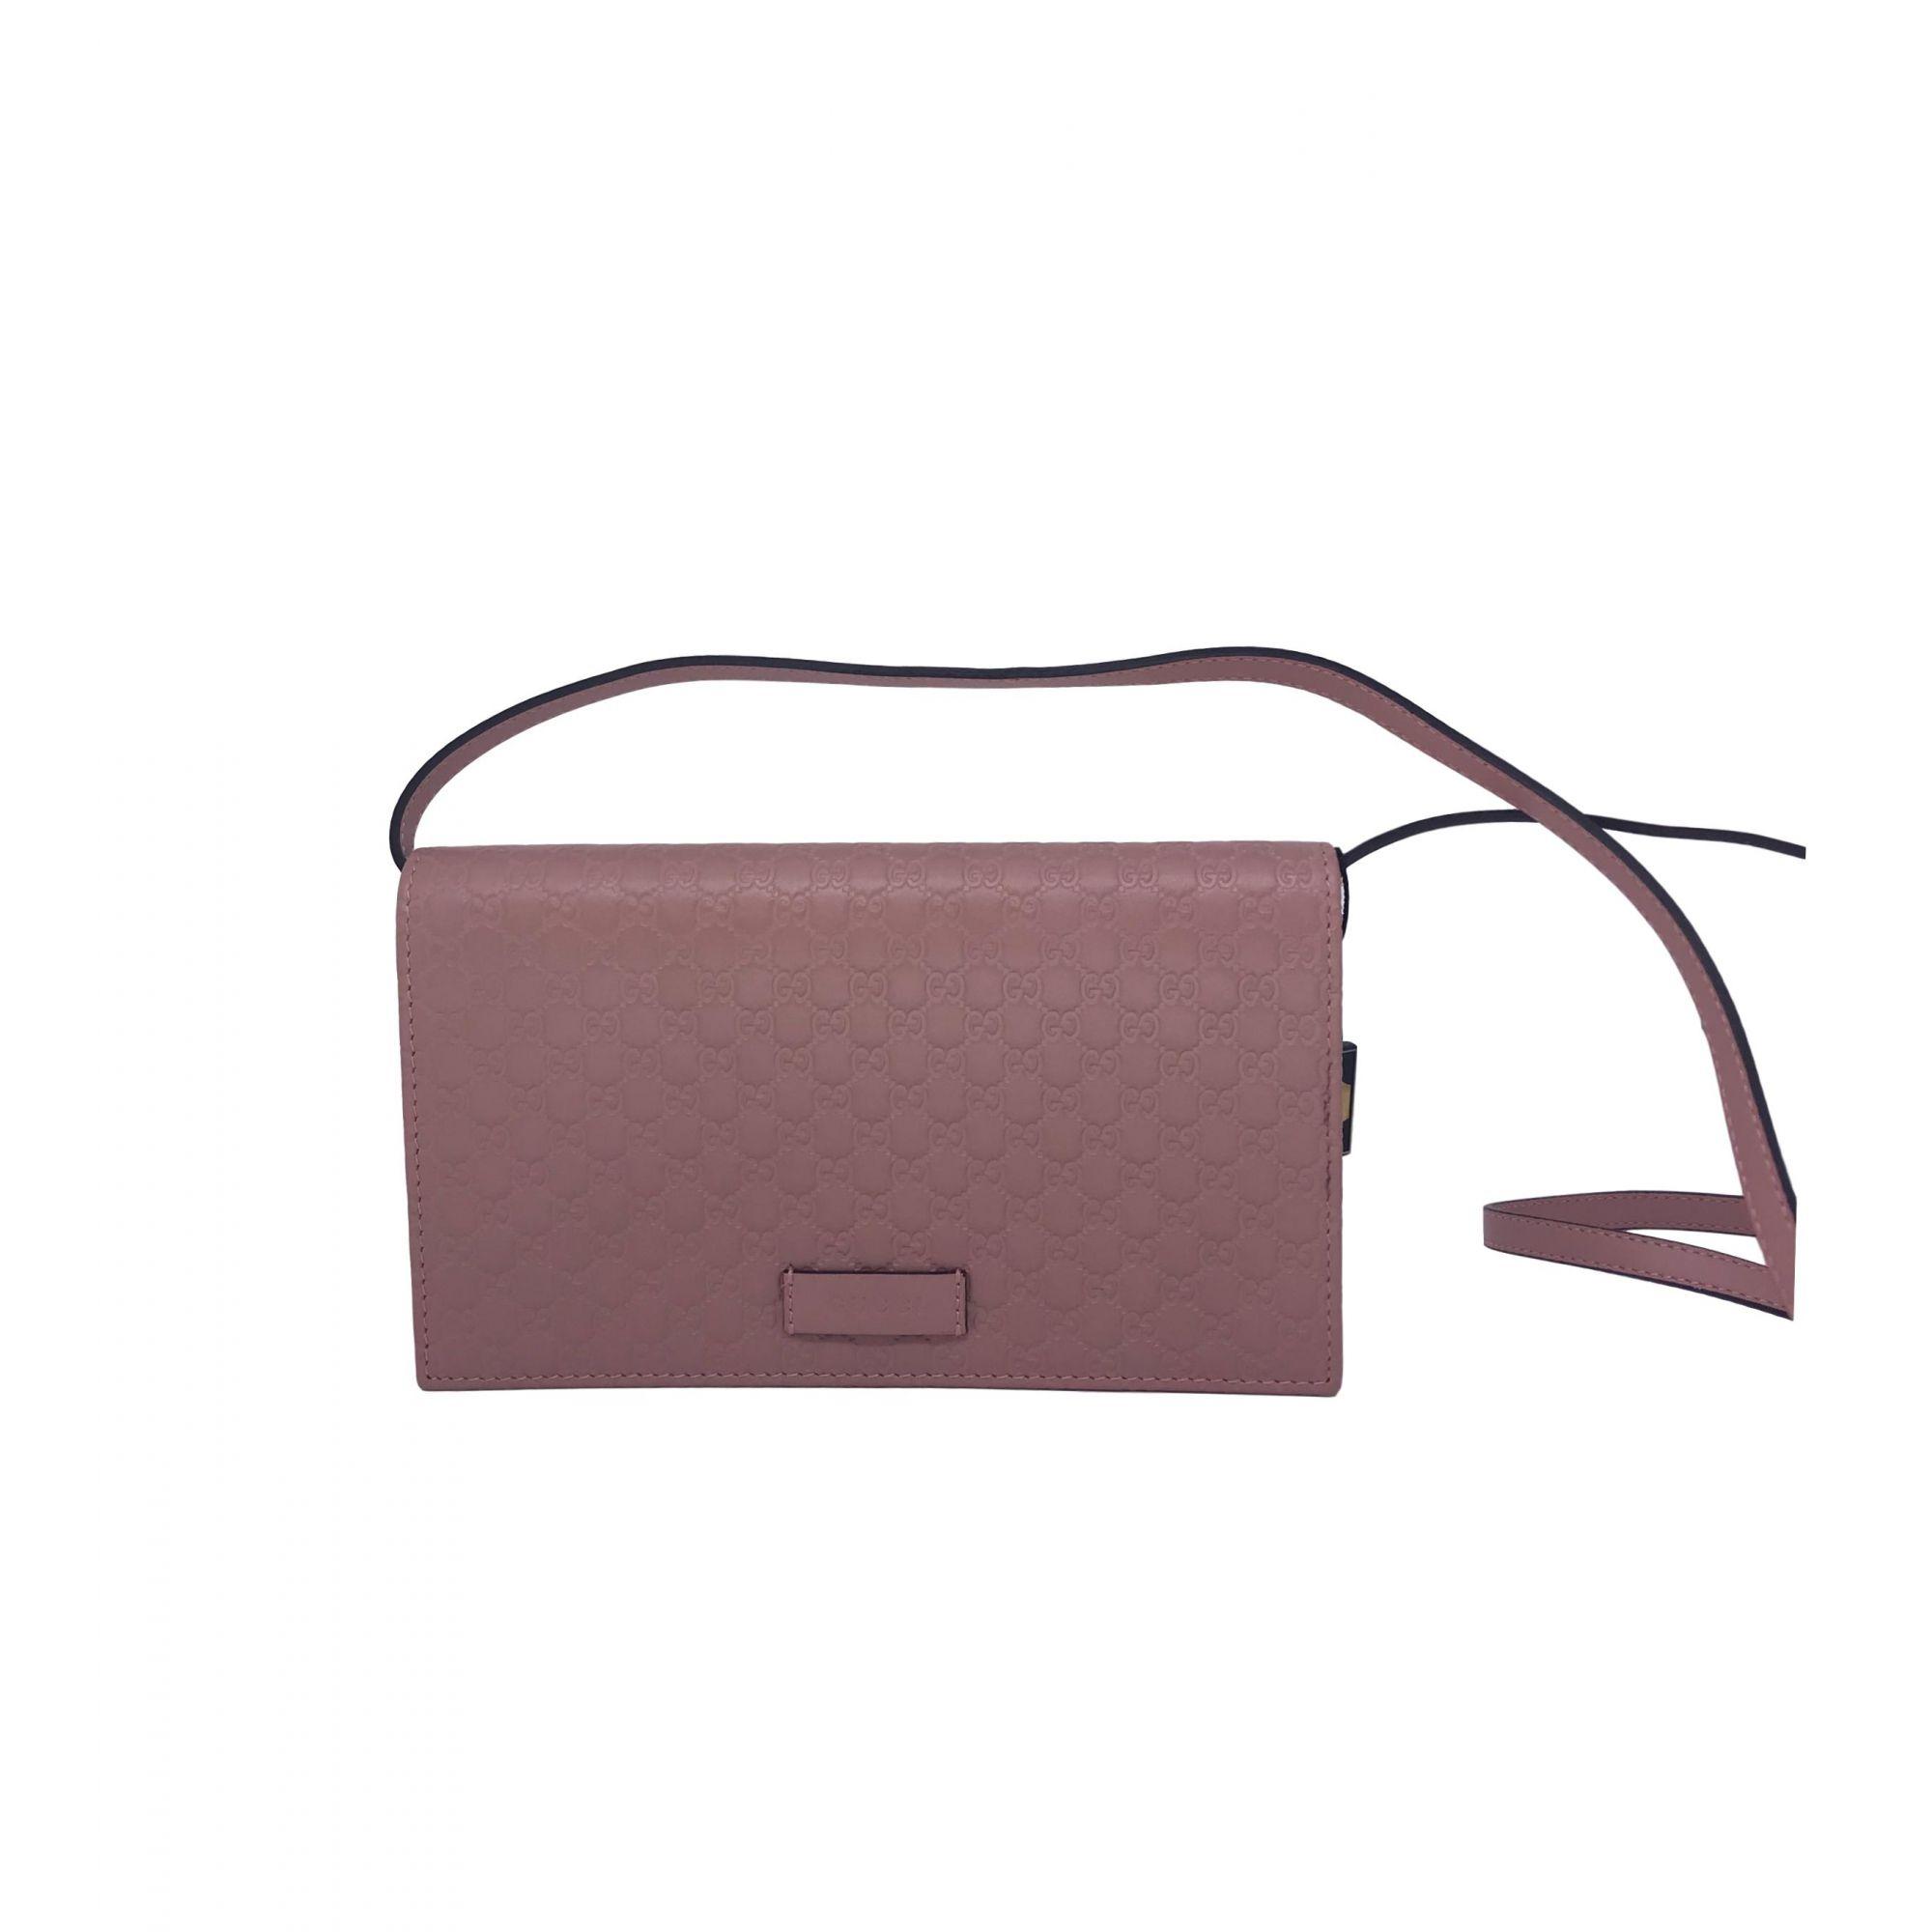 Bolsa Gucci Wallet Rosé